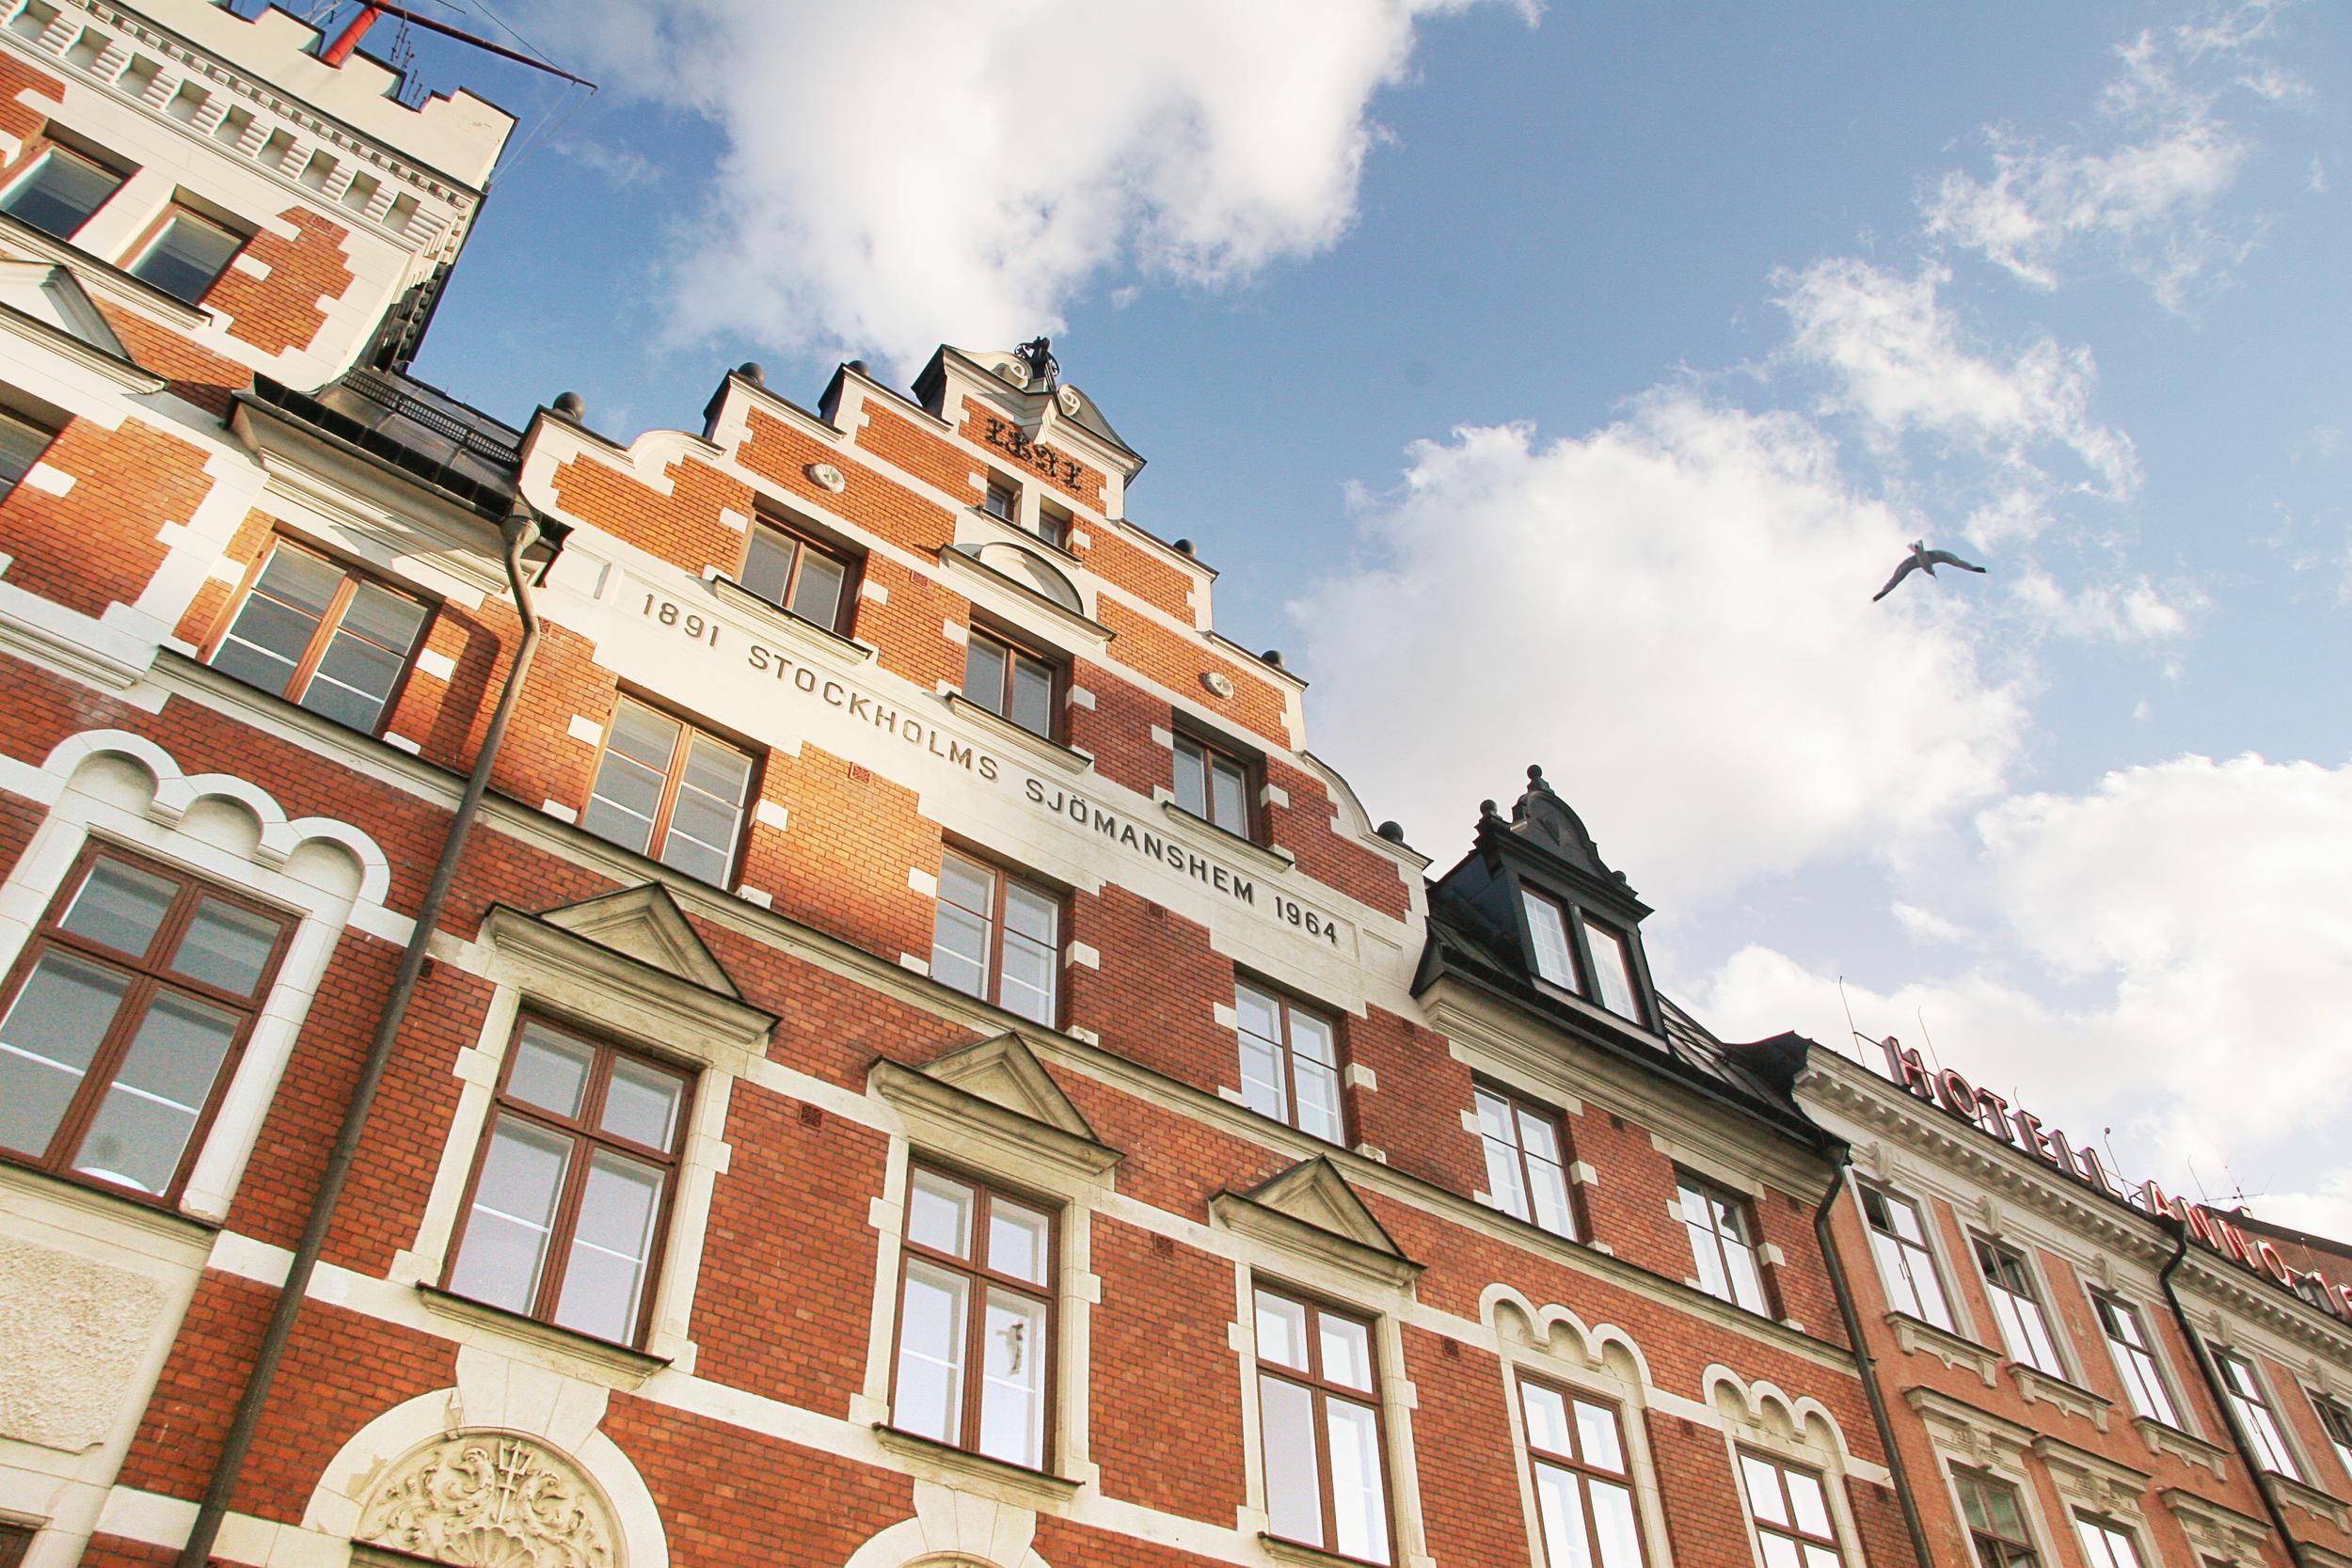 10) Fantastic red brick architecture